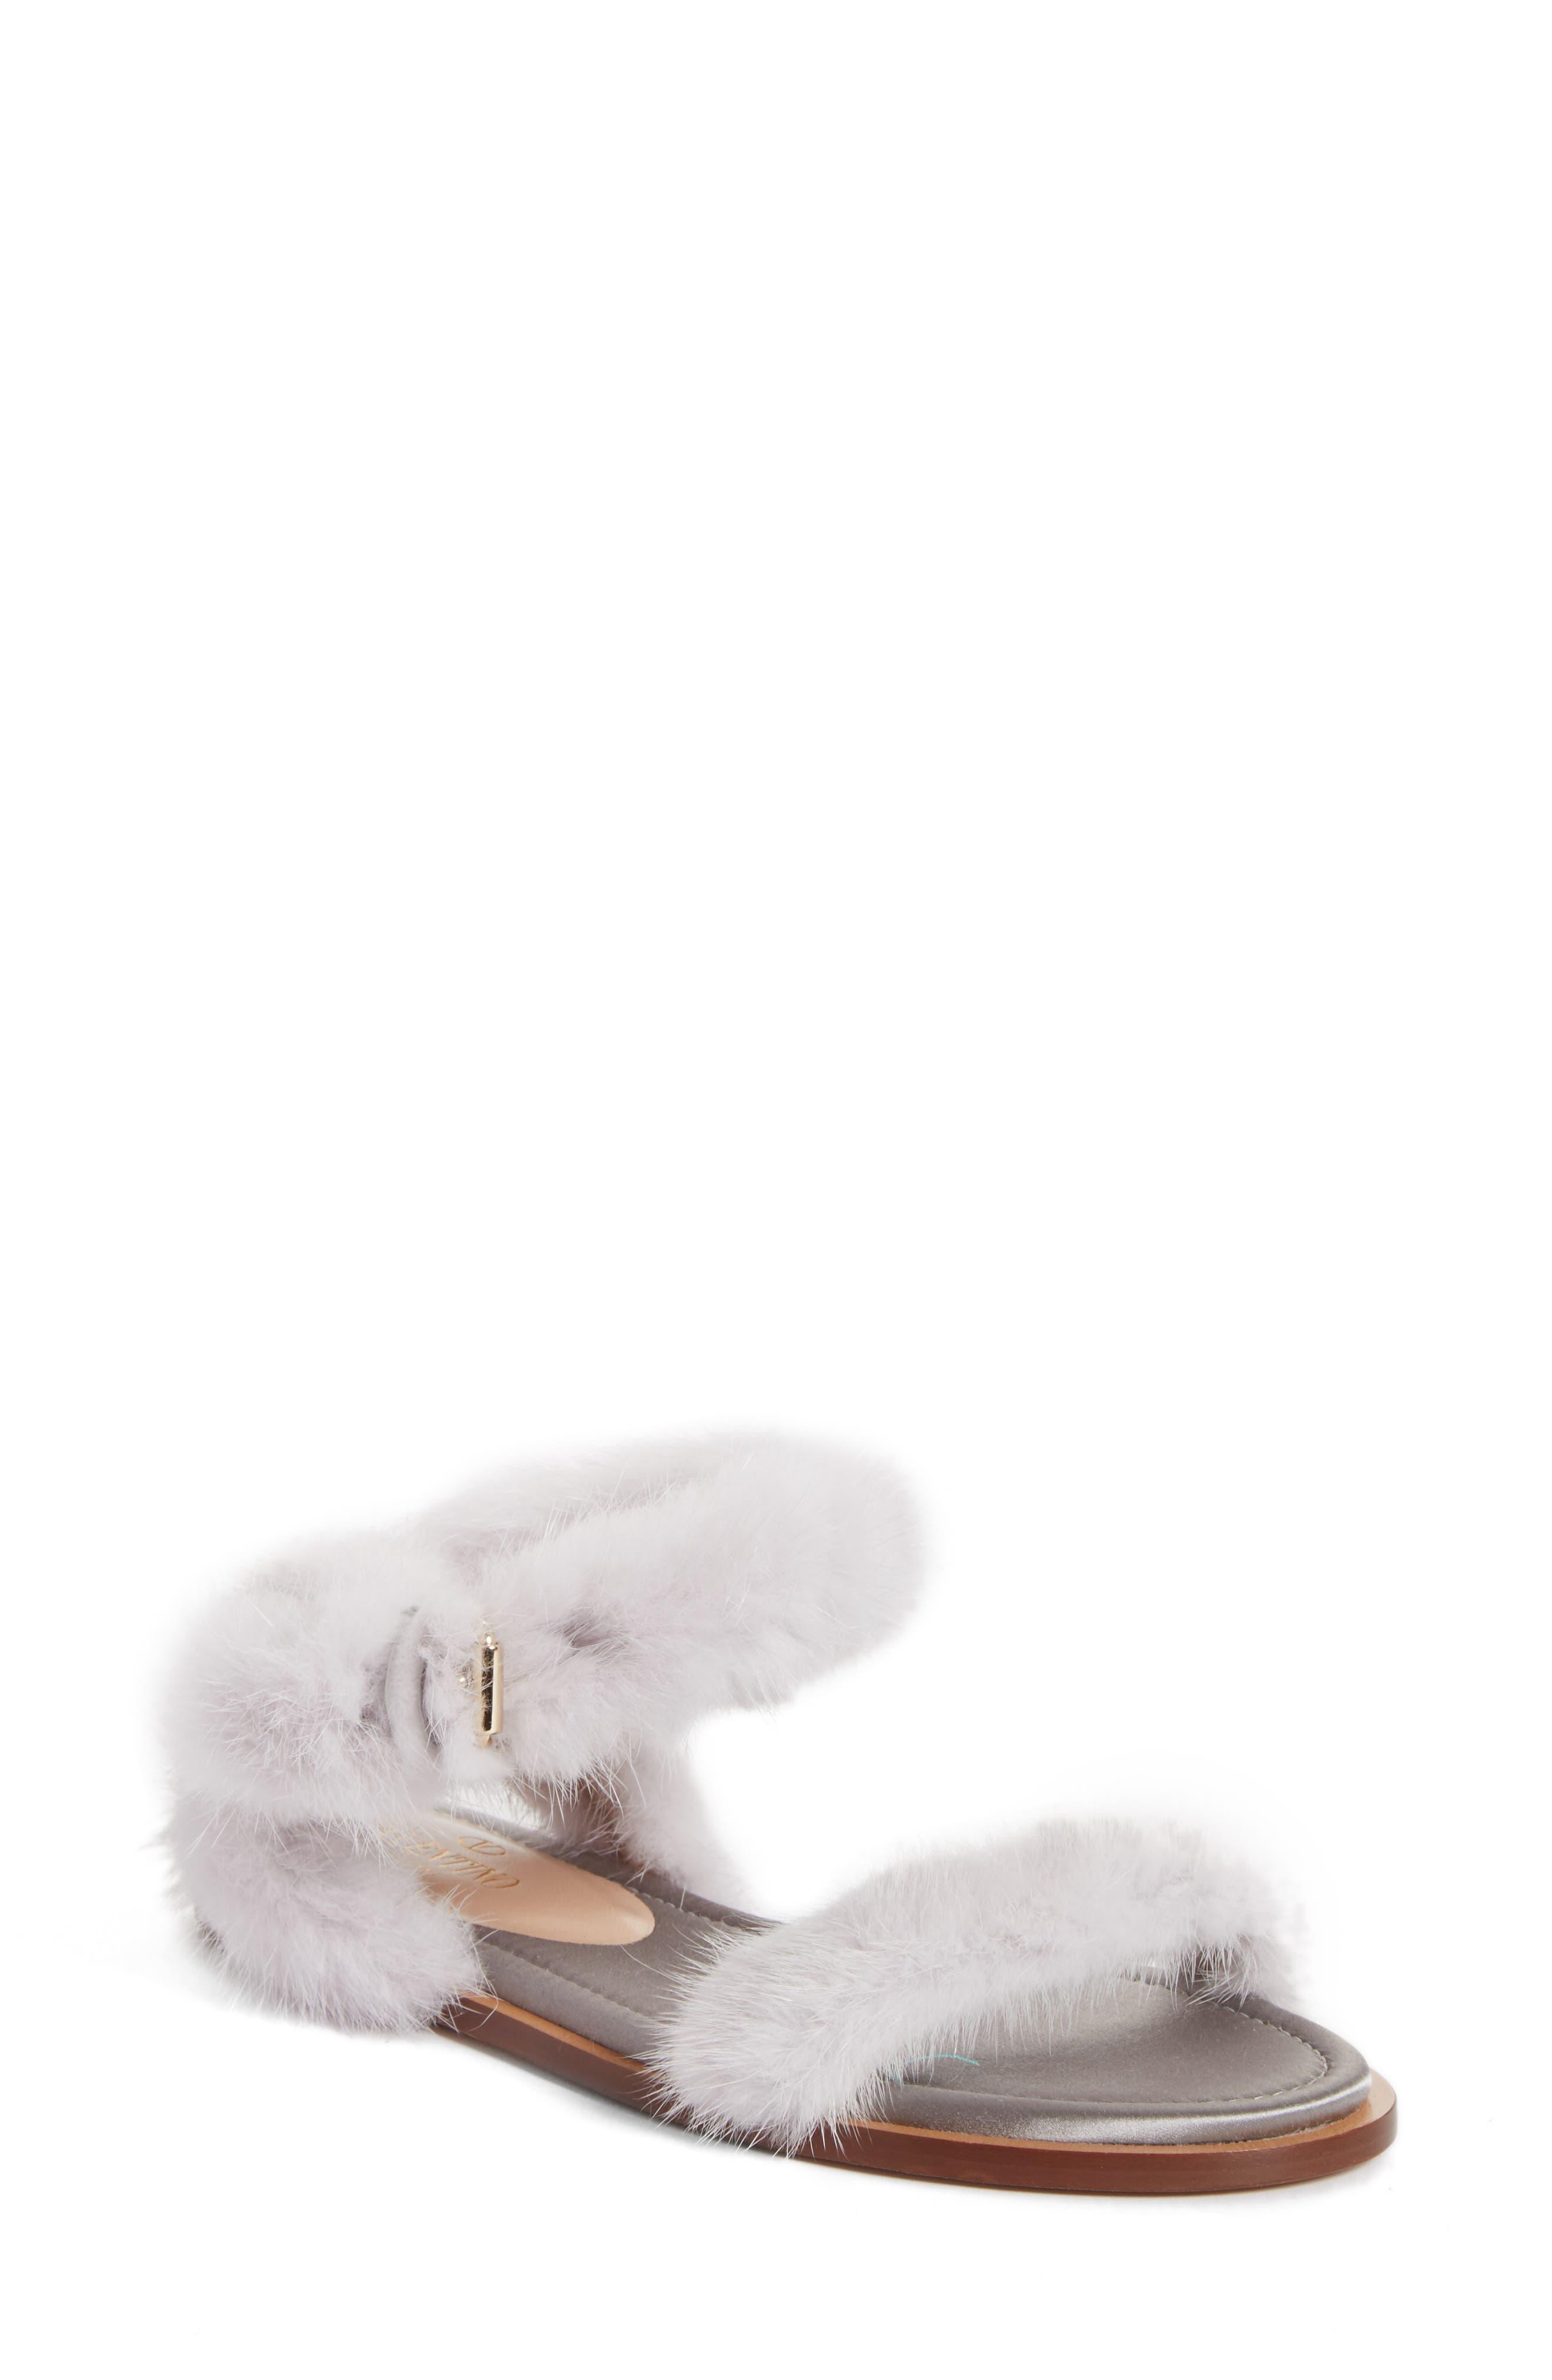 Genuine Mink Fur Sandal,                         Main,                         color, Light Grey